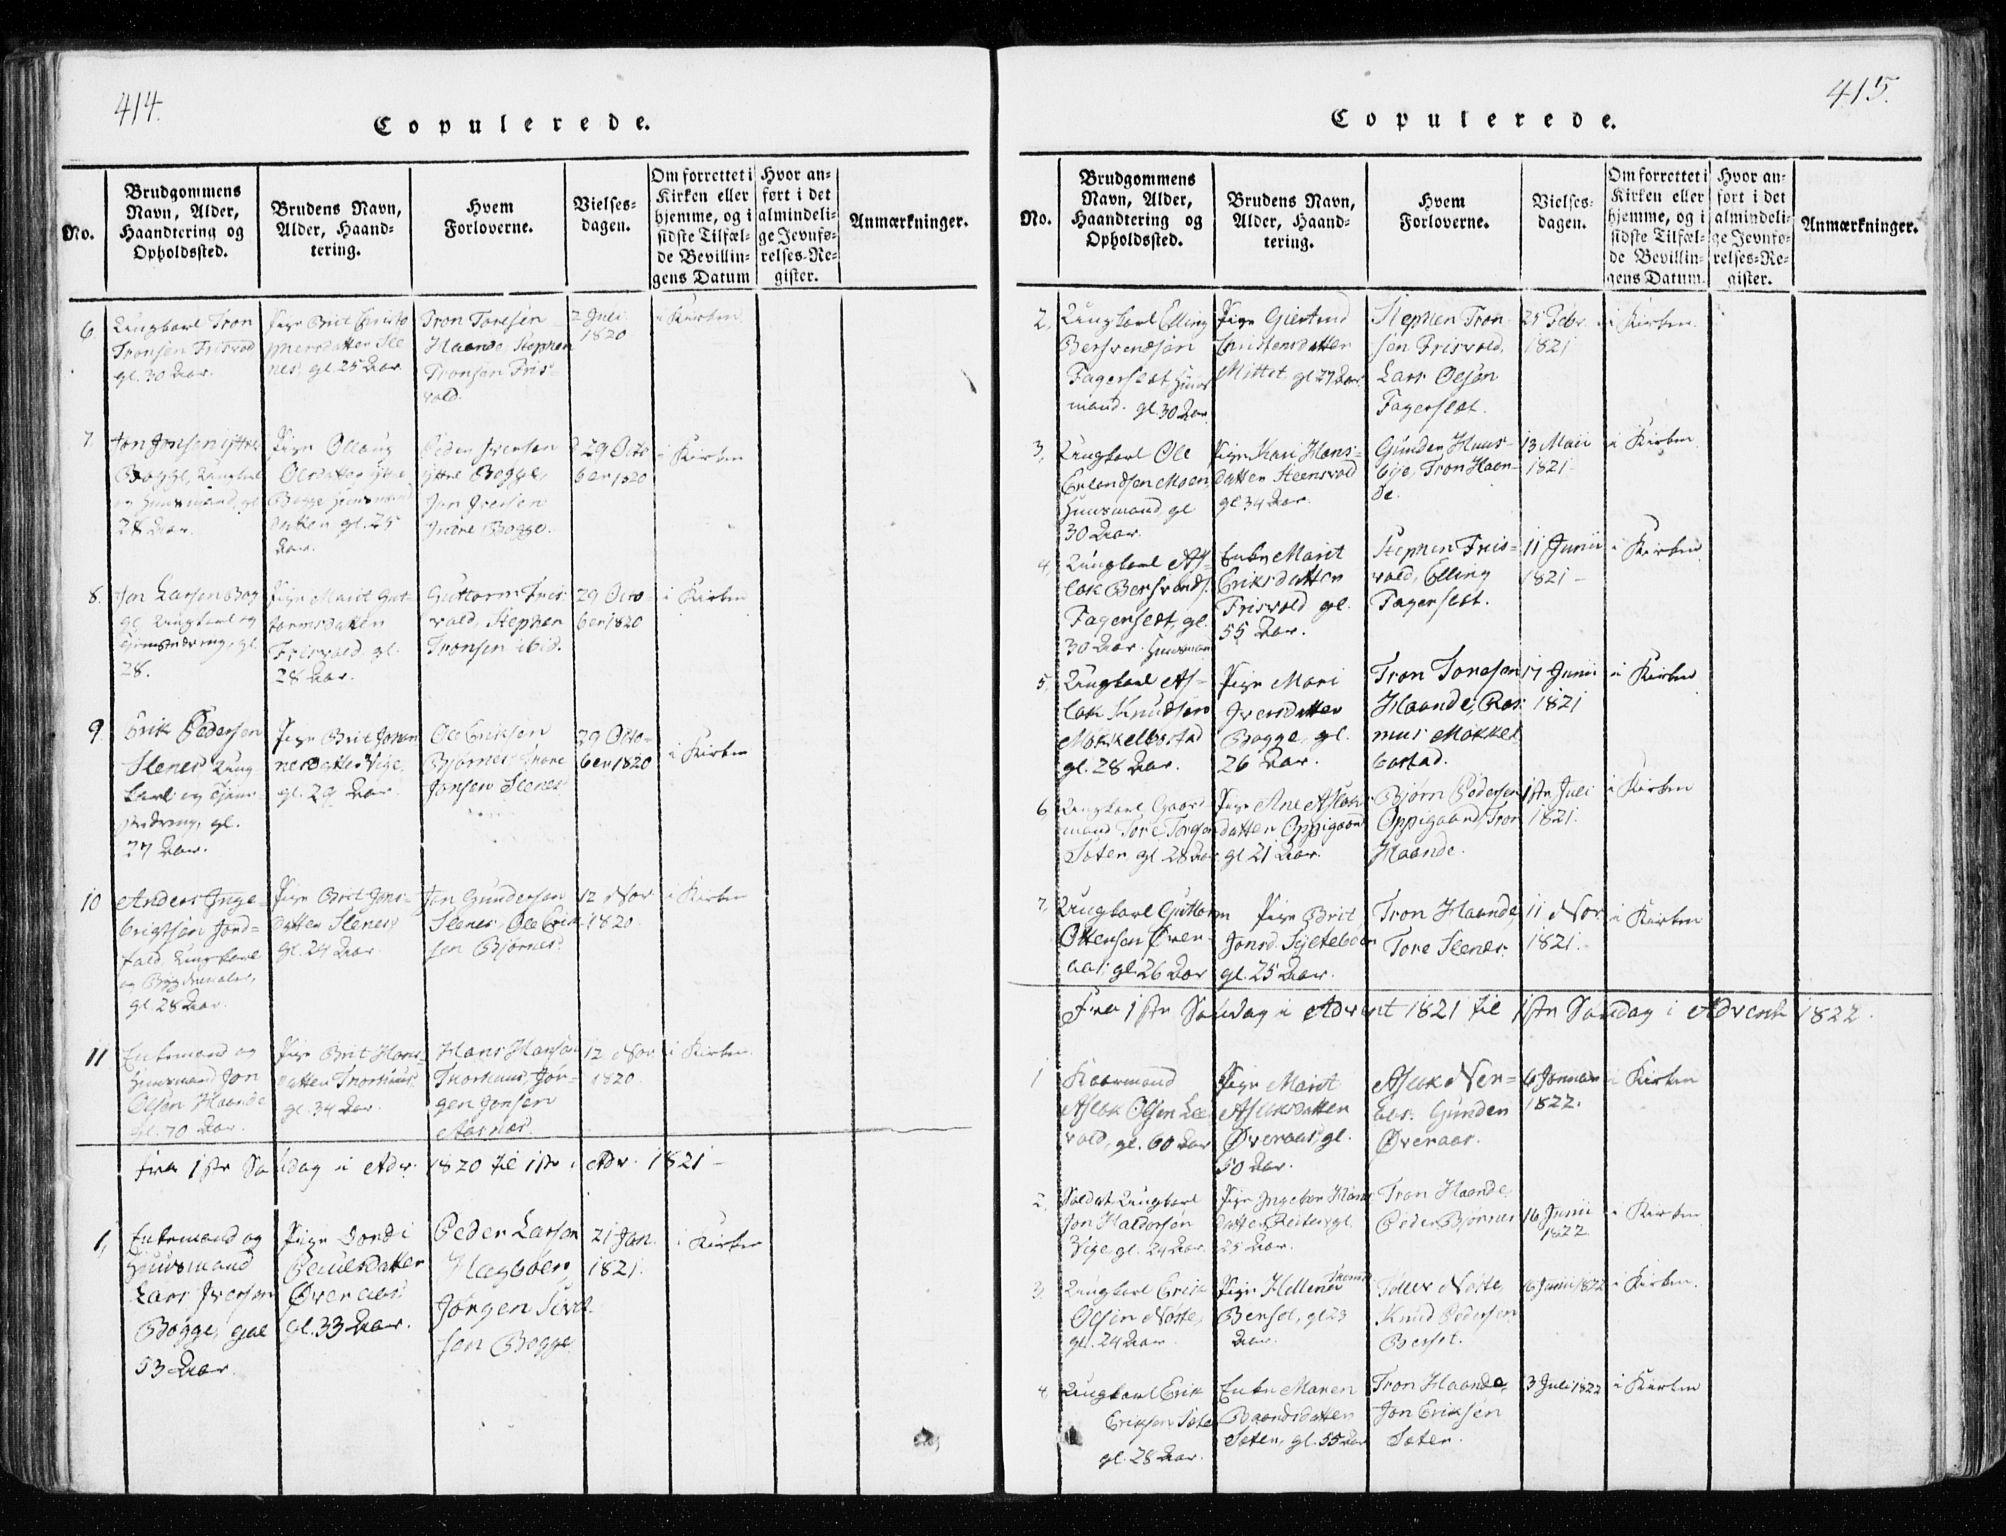 SAT, Ministerialprotokoller, klokkerbøker og fødselsregistre - Møre og Romsdal, 551/L0623: Ministerialbok nr. 551A03, 1818-1831, s. 414-415